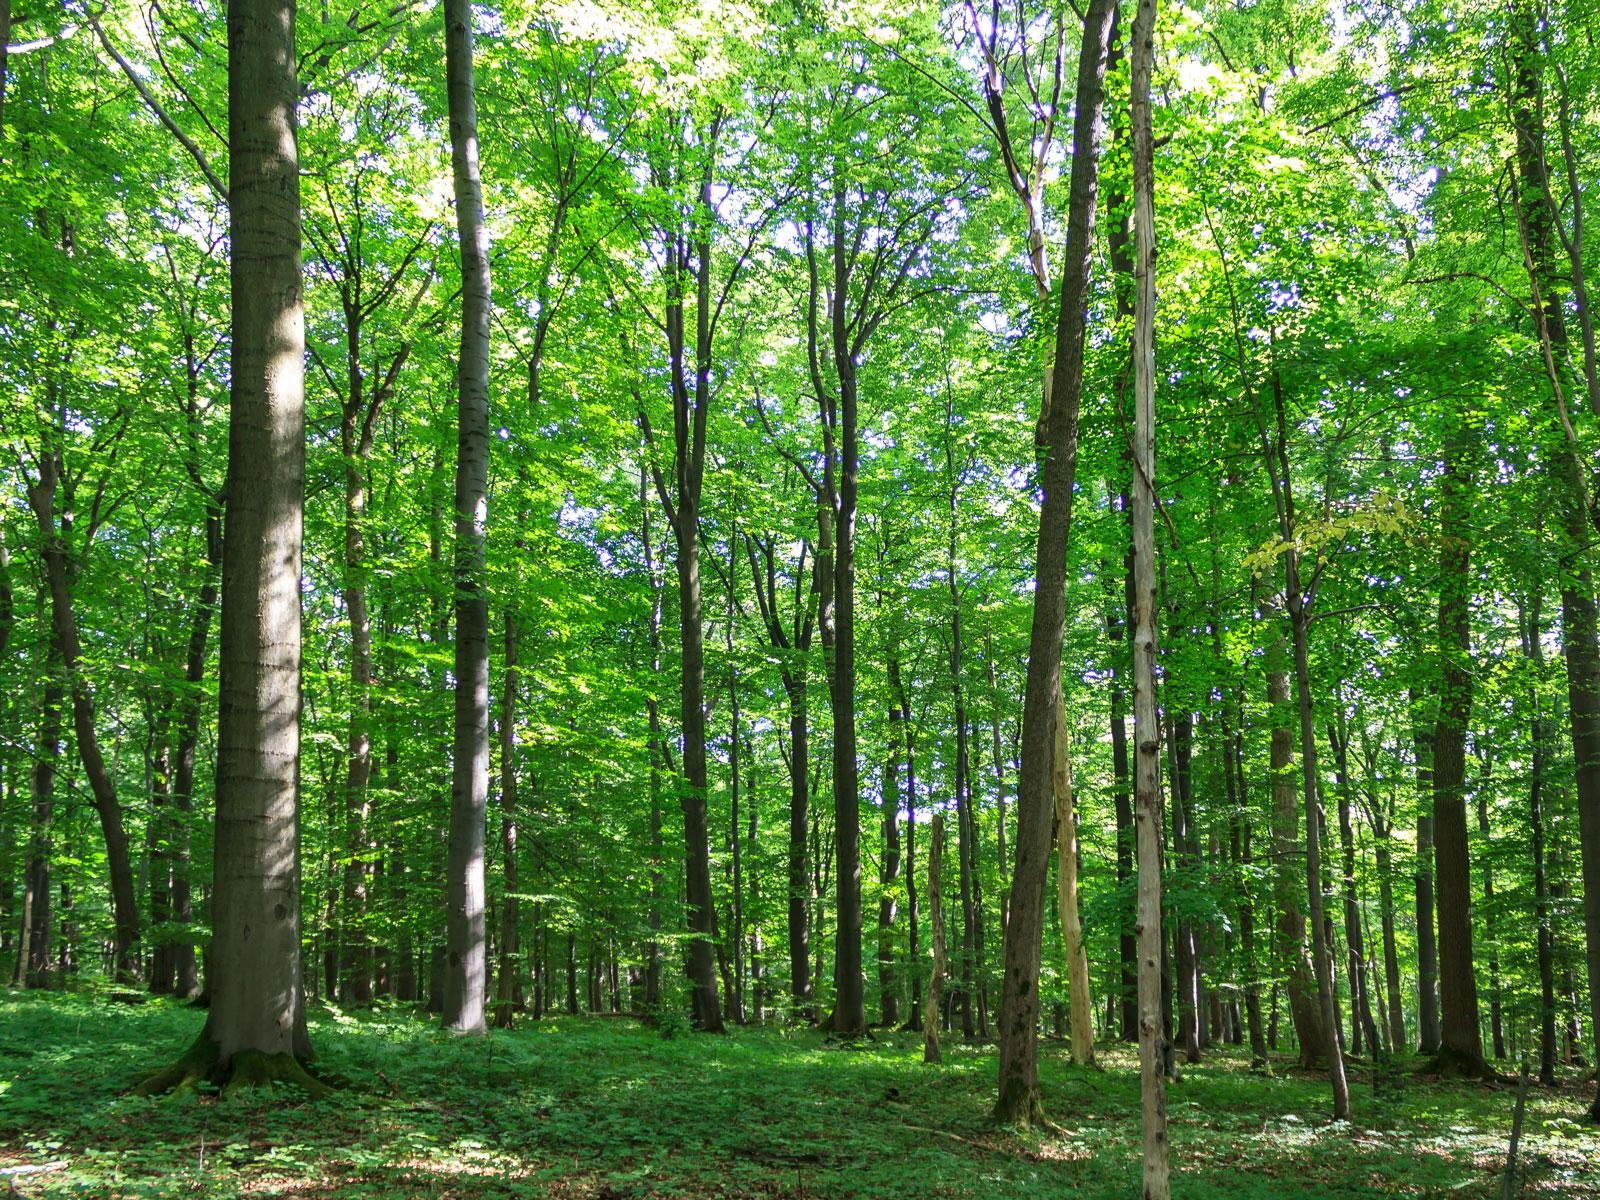 Ahorn-Naturverjüngung am Waldboden